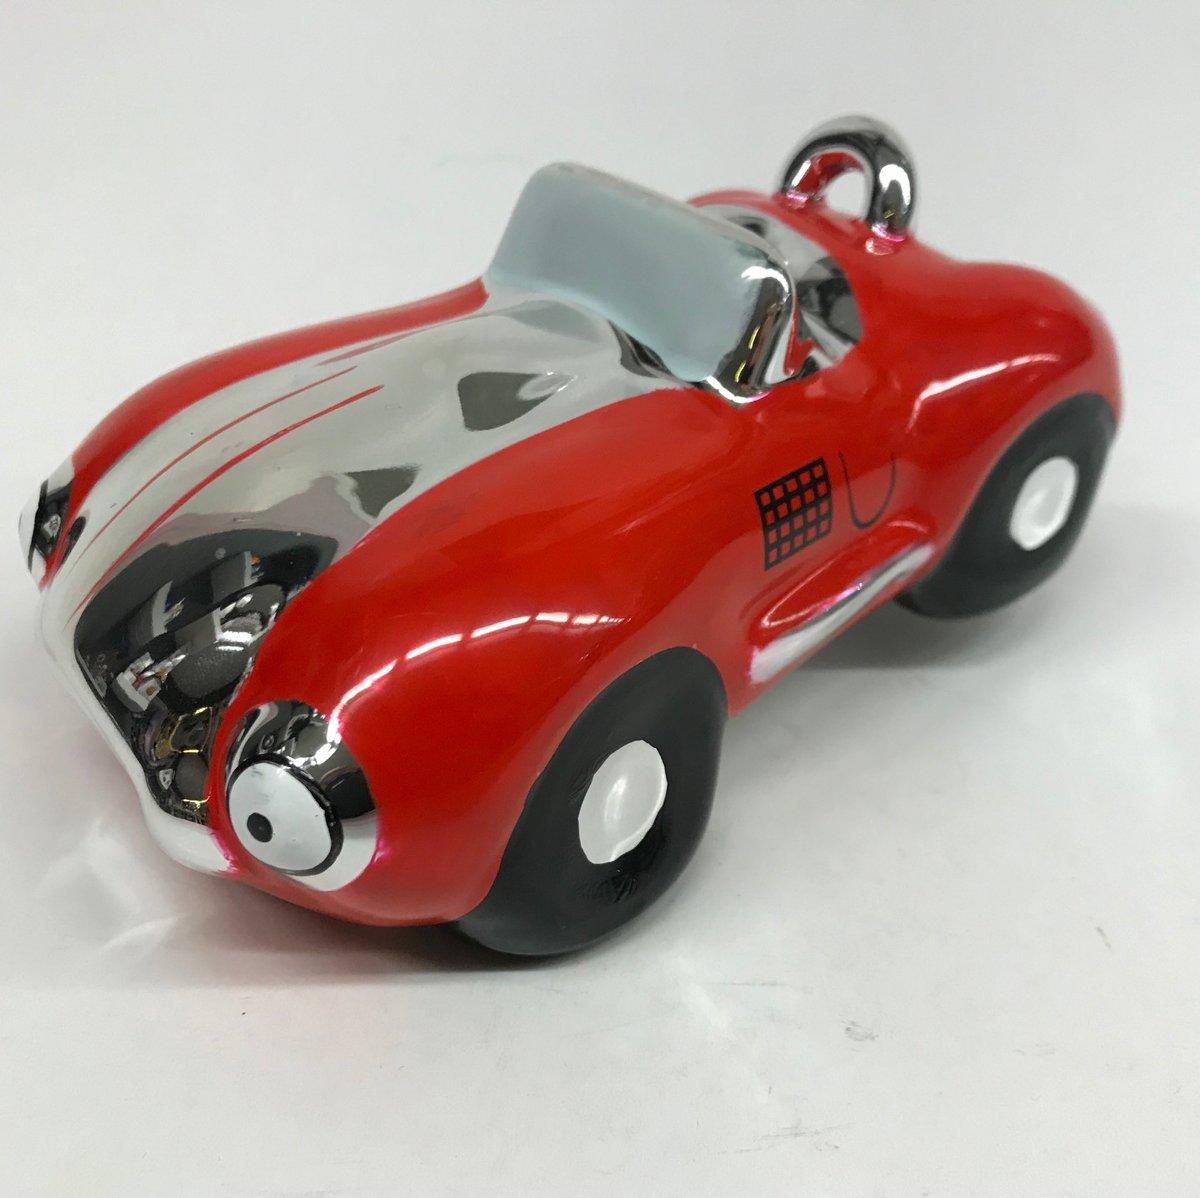 Spaarpot rode sportauto glimmend en gemaakt van keramiek